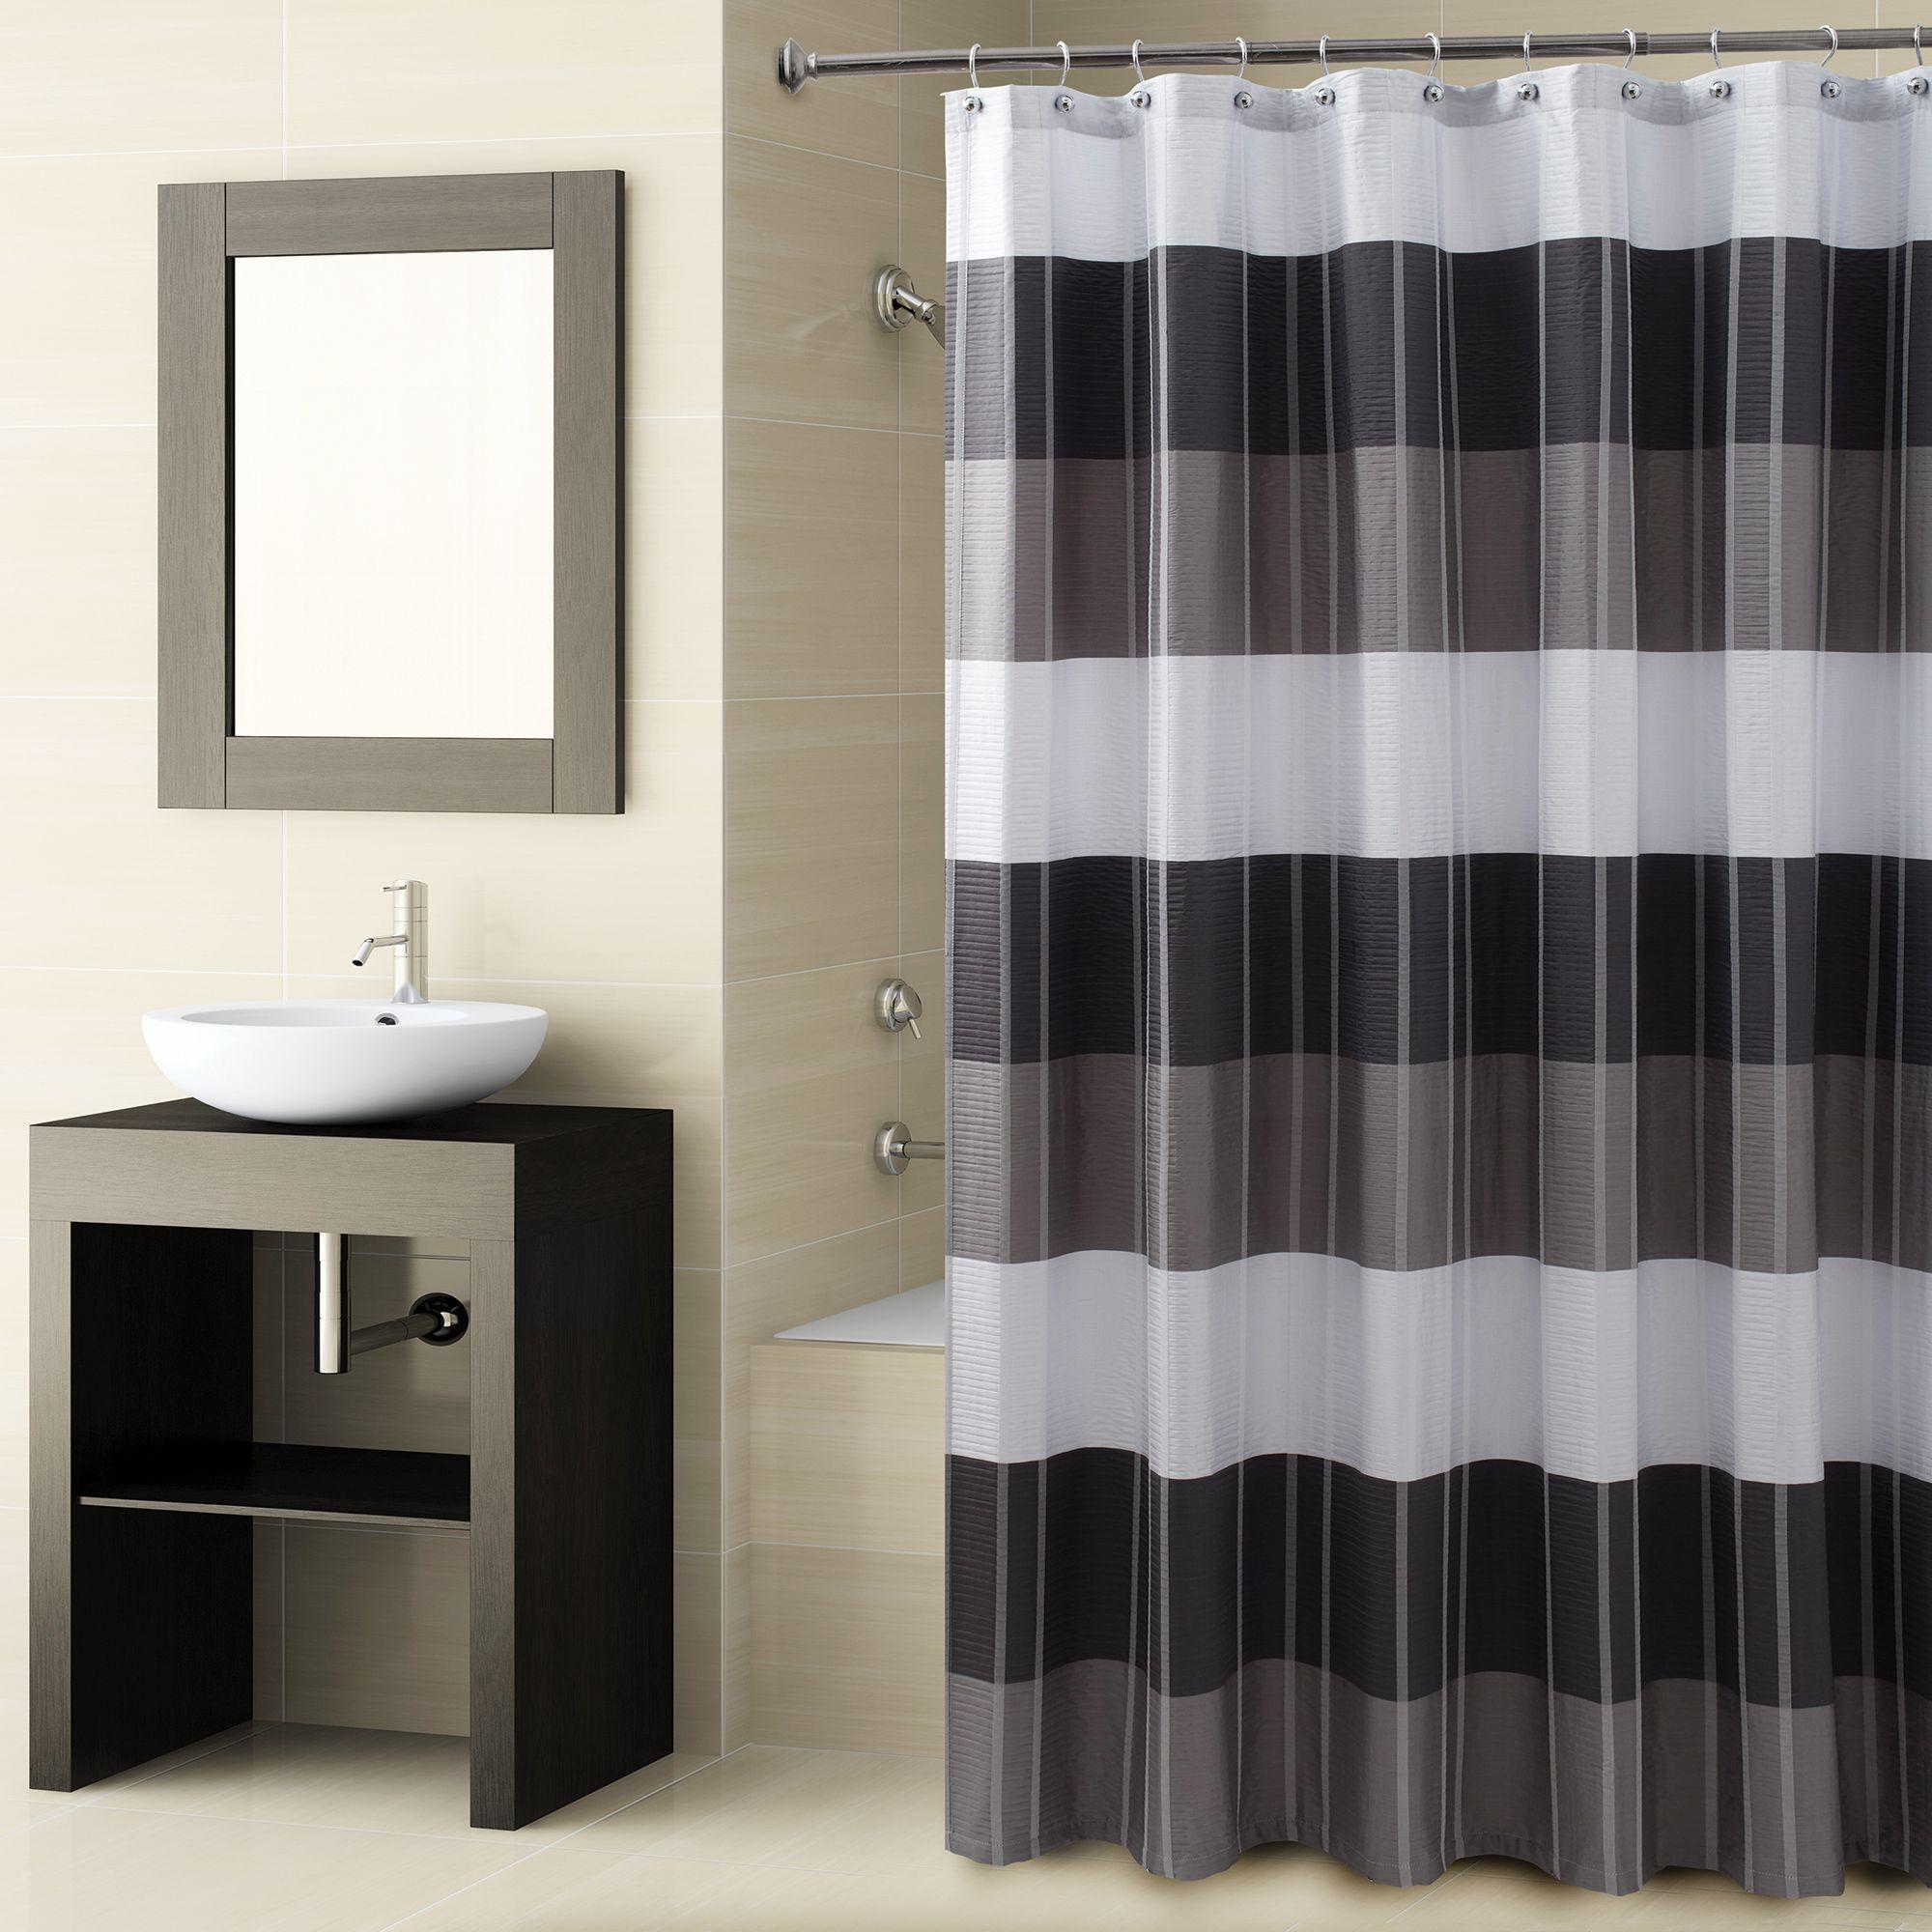 Fairfax Black Shower Bundle 72x72 In 2020 Black Shower